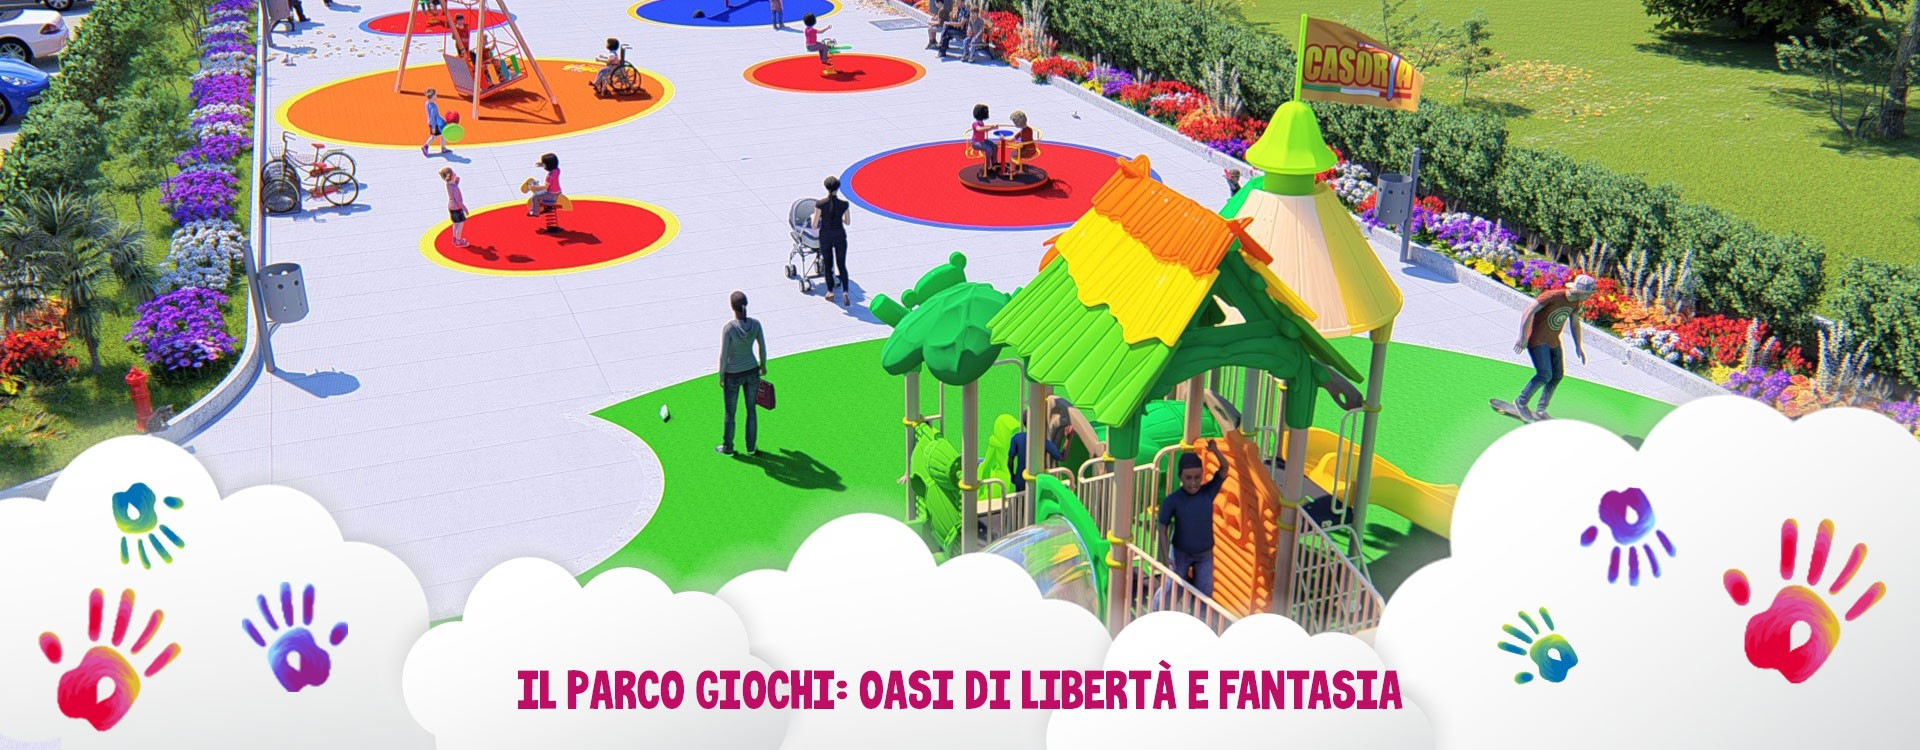 Il Parco Giochi: oasi di libertà e fantasia, senza dimenticare la sicurezza dei bambini